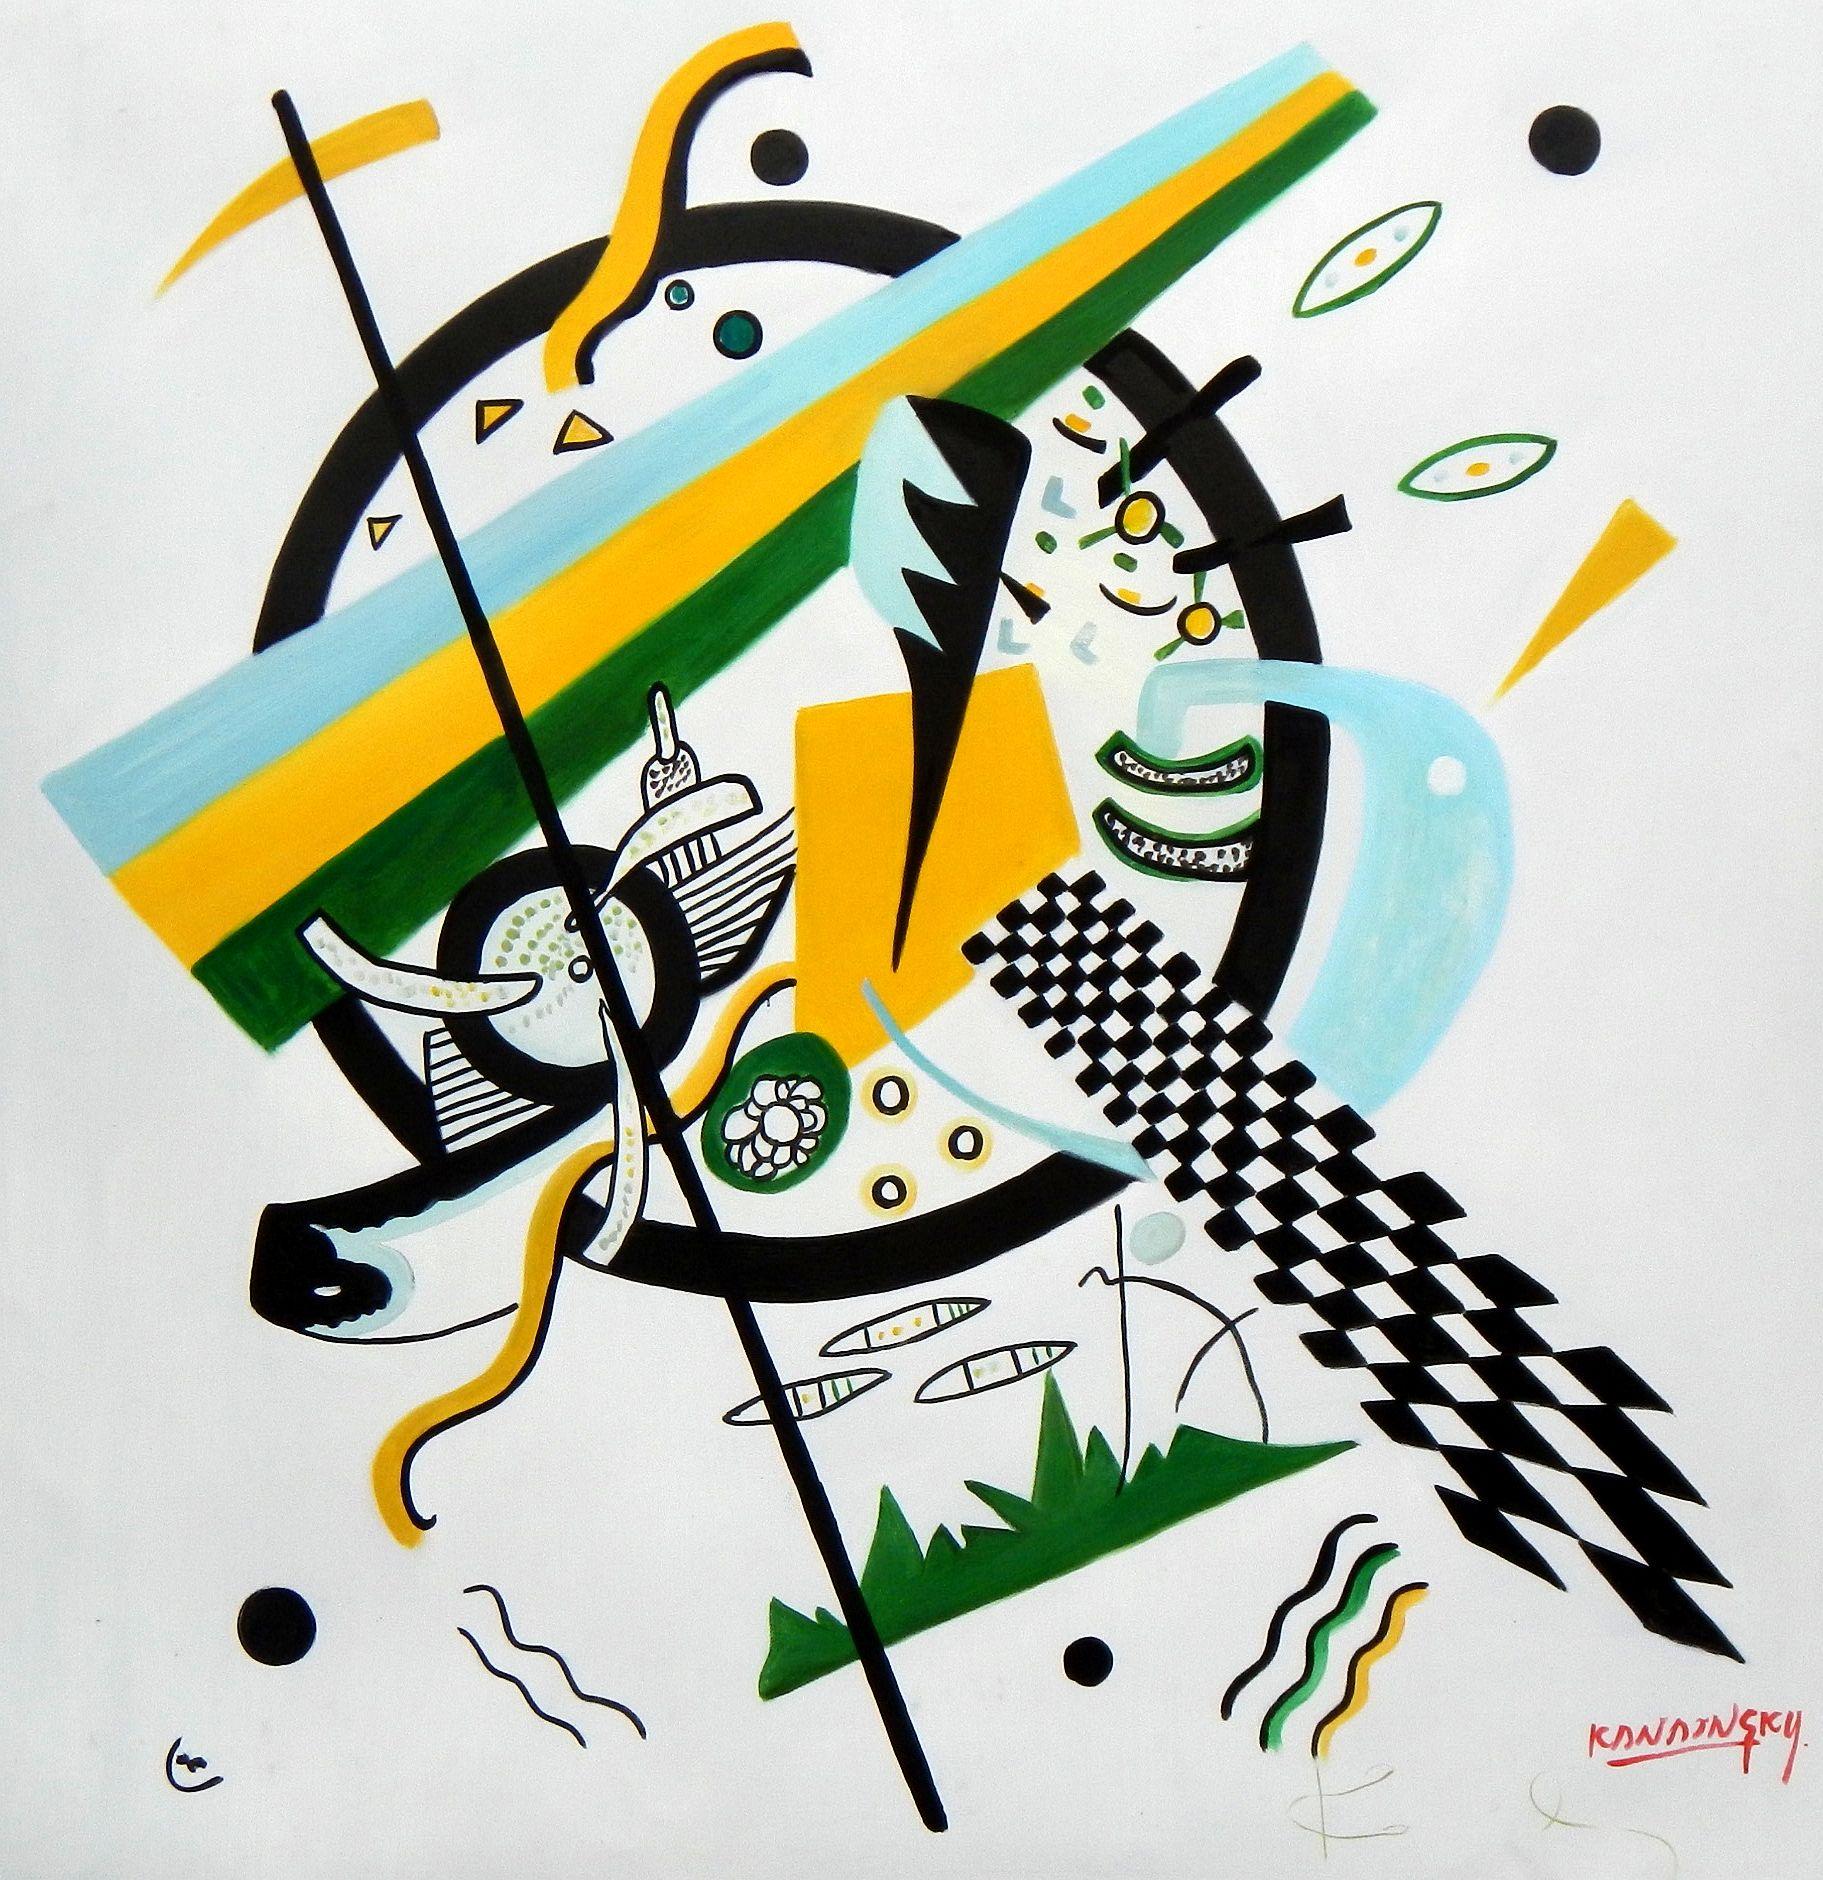 Wassily Kandinsky - Kleine Welten h94677 90x90cm exquisites Gemälde